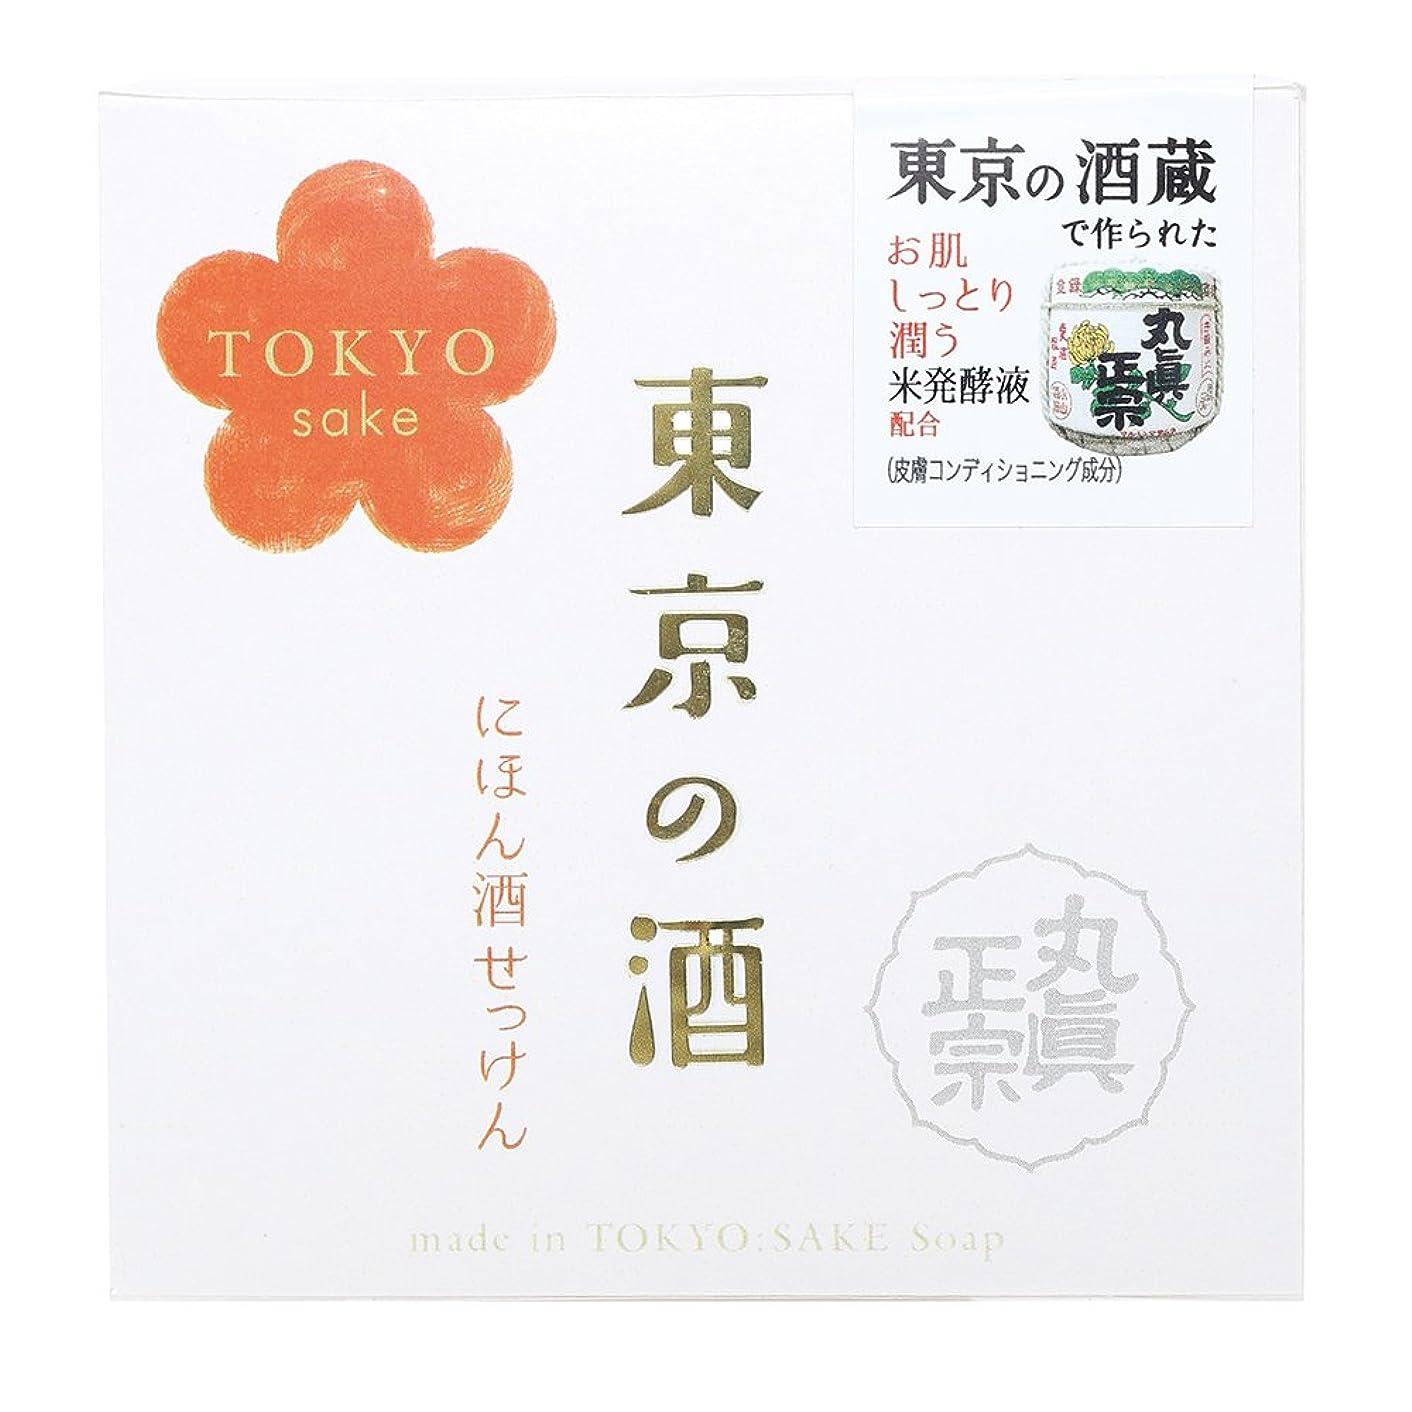 豊富な進行中確率ノルコーポレーション 東京の酒 石けん OB-TKY-1-1 100g